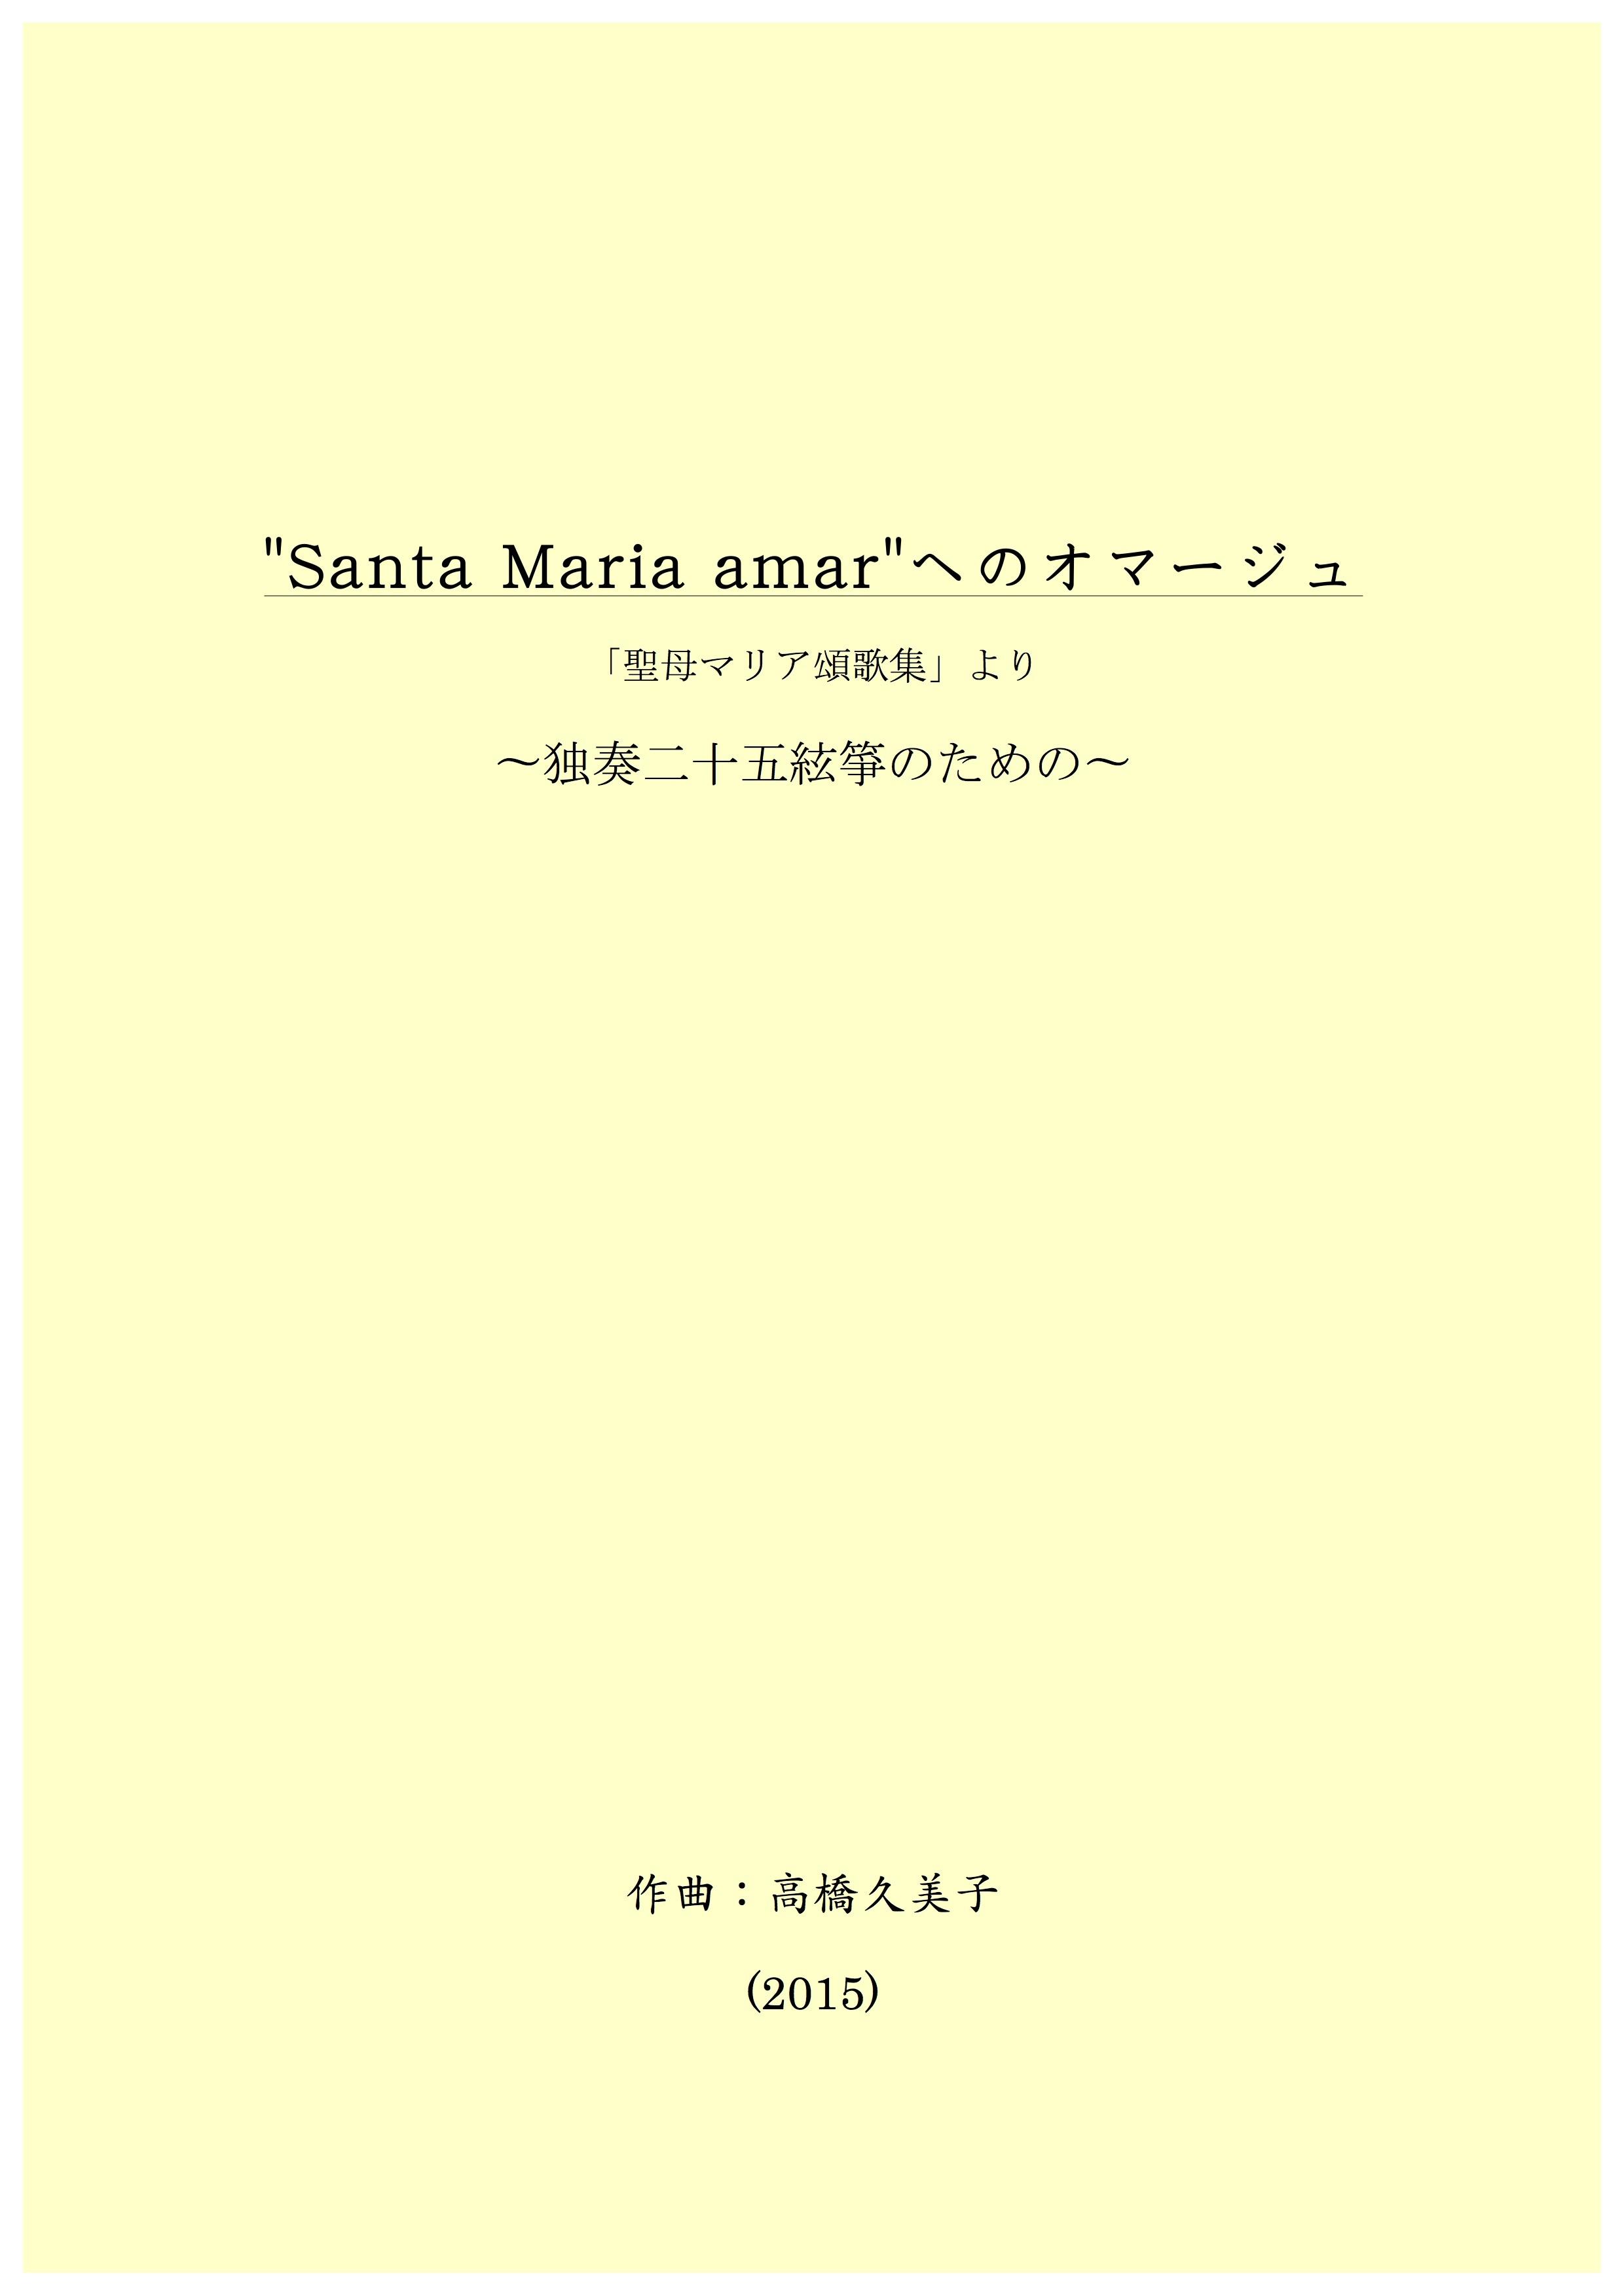 """【楽譜】""""Santa Maria amar""""へのオマージュ「聖母マリア頌歌集」より~独奏二十五絃箏のための(五線譜)A4判"""